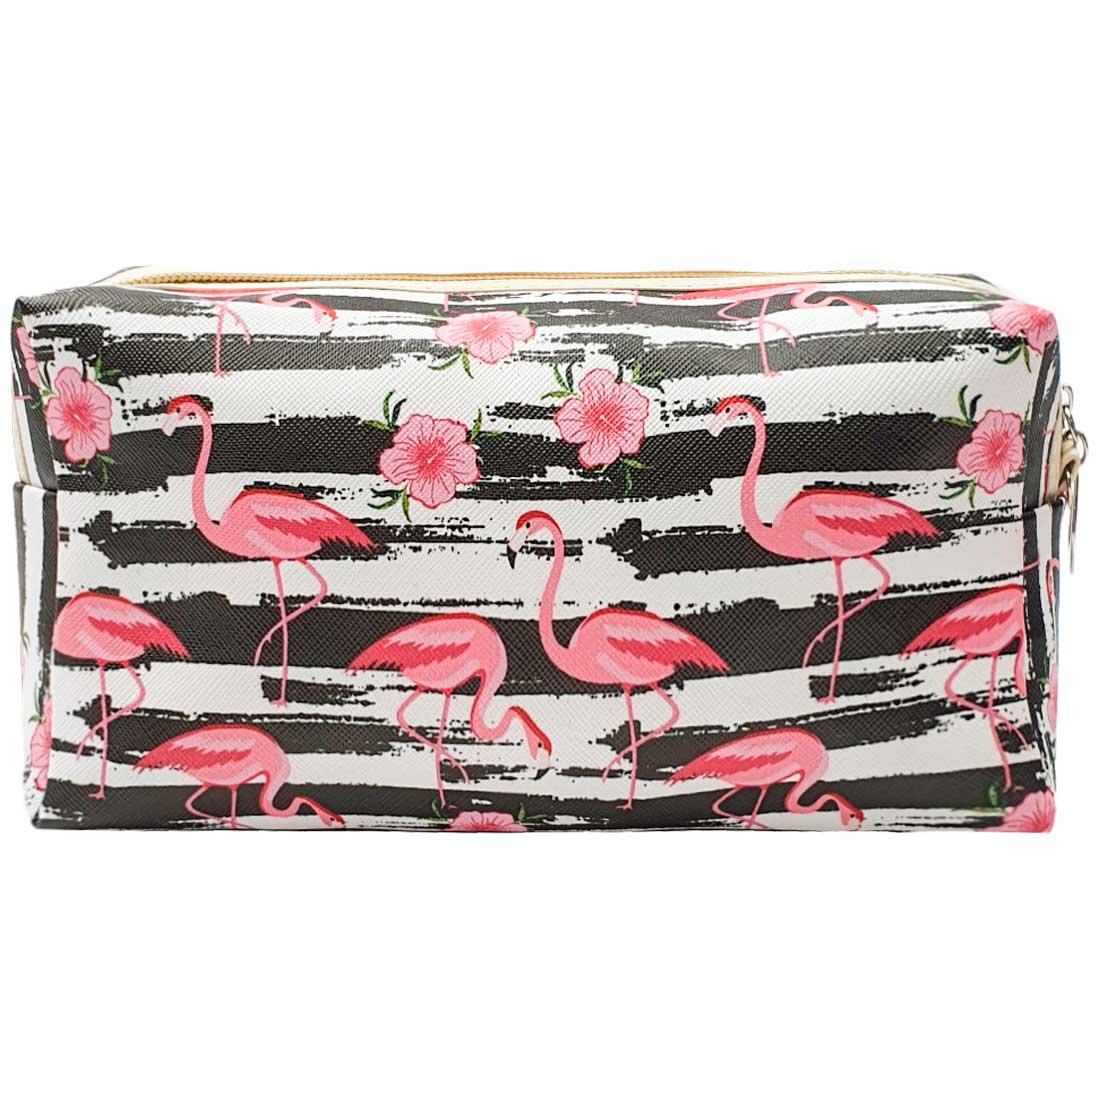 Necessaire Listrada com Flamingos e Flores - Branca e Preto